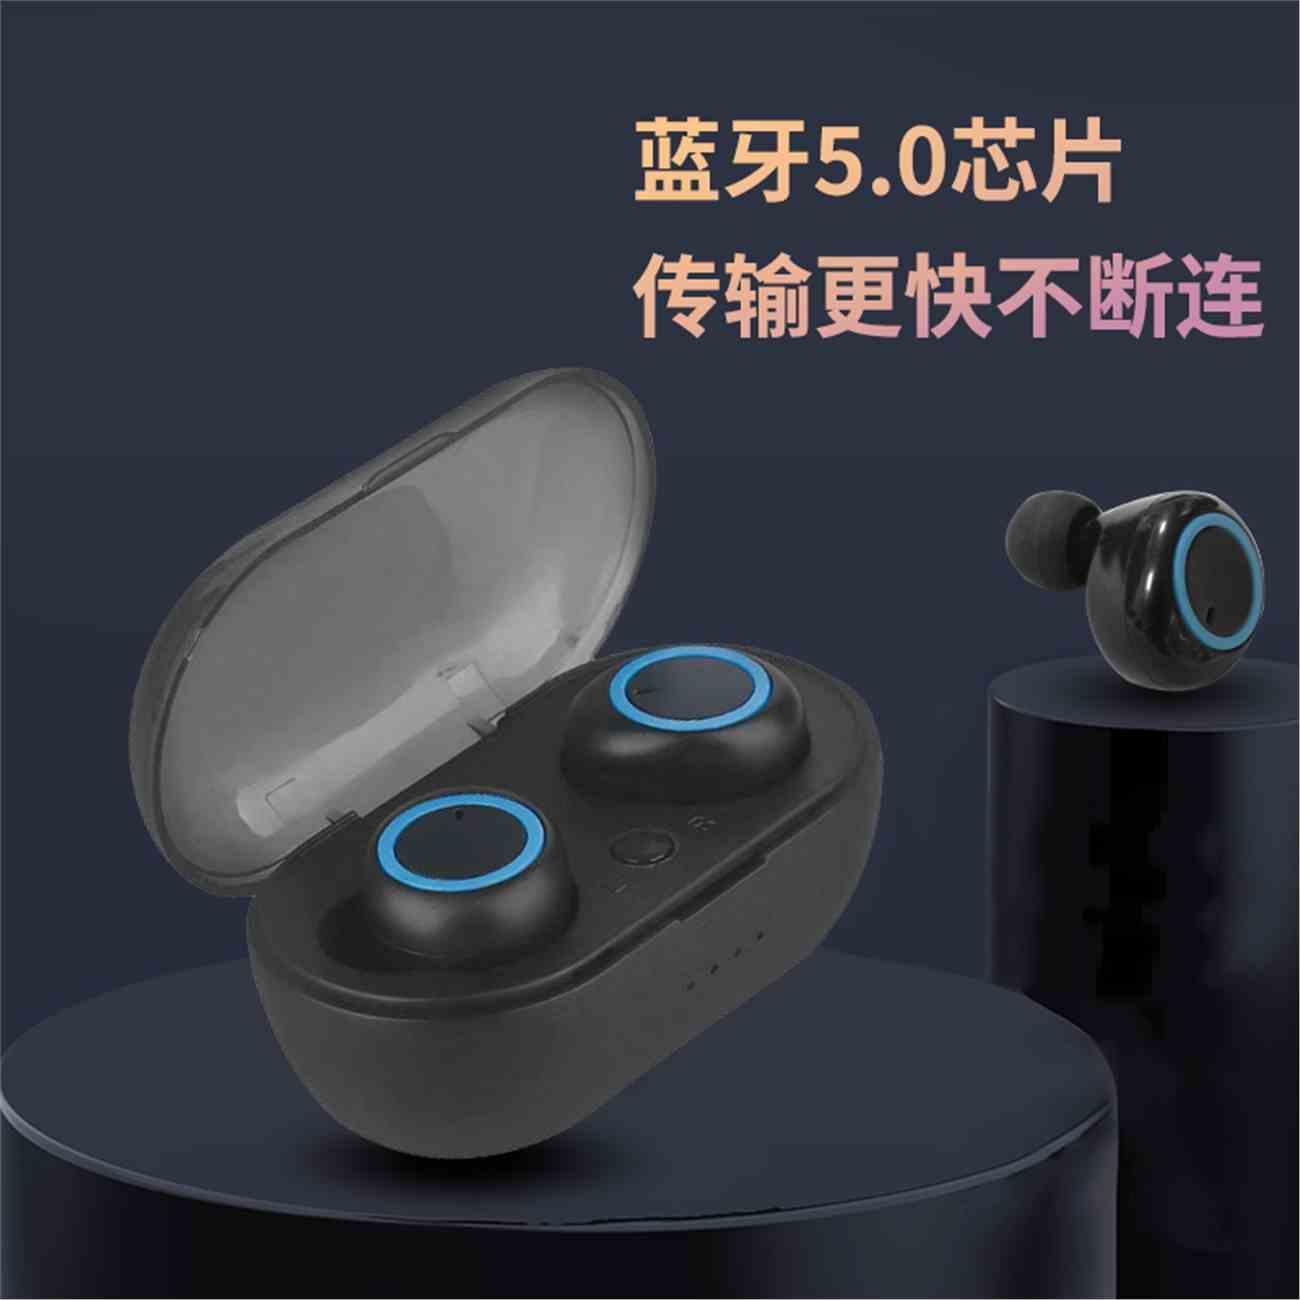 8bk-1355蓝牙运动耳机 力量威蓝牙耳机生产厂家